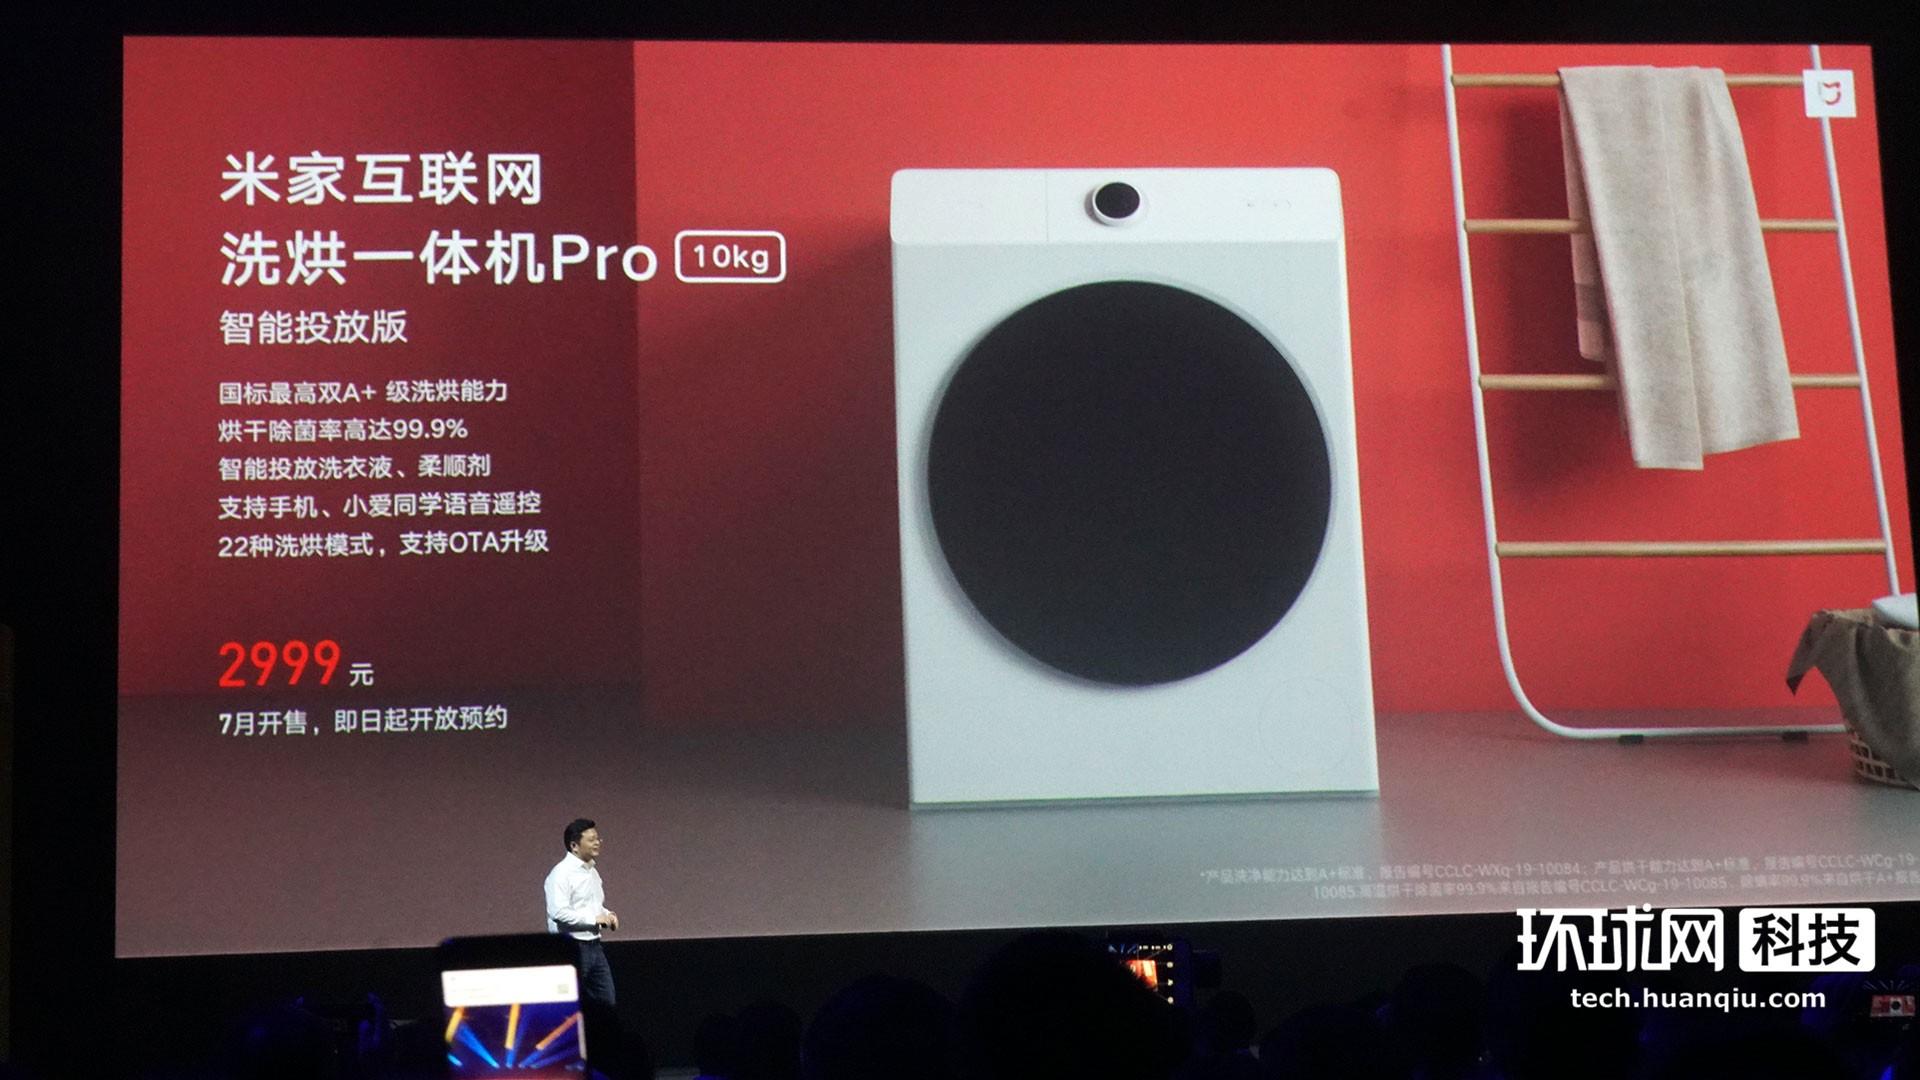 小米发布米家互联网洗烘一体机Pro,产品矩阵覆盖多个价位段